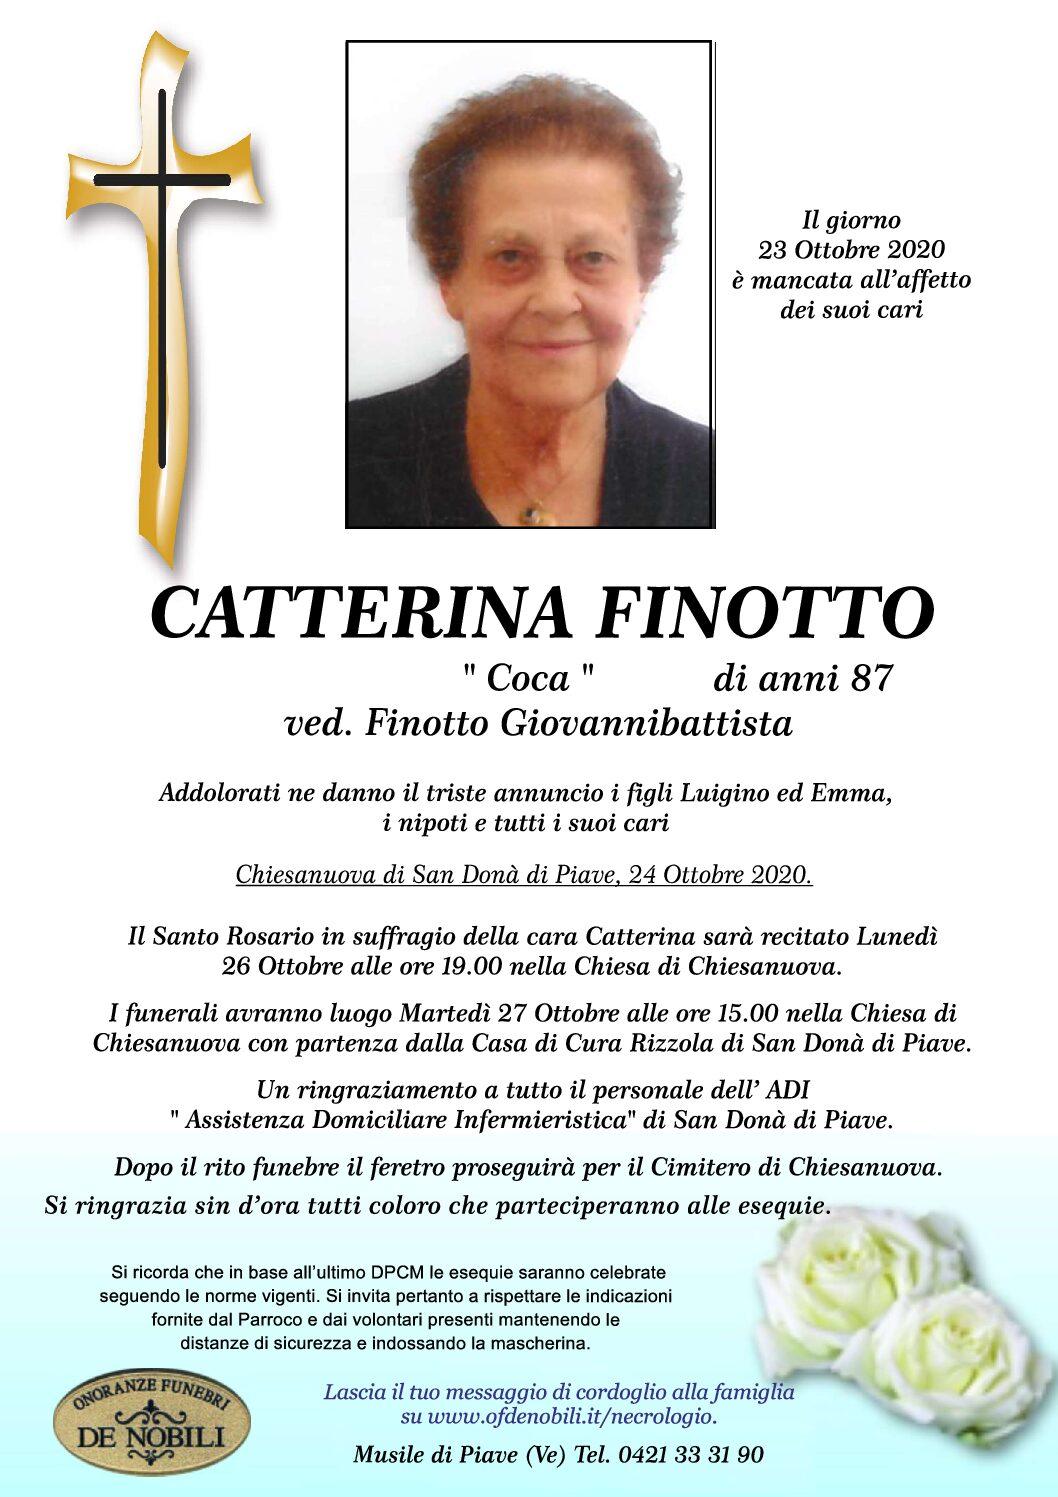 Catterina Finotto